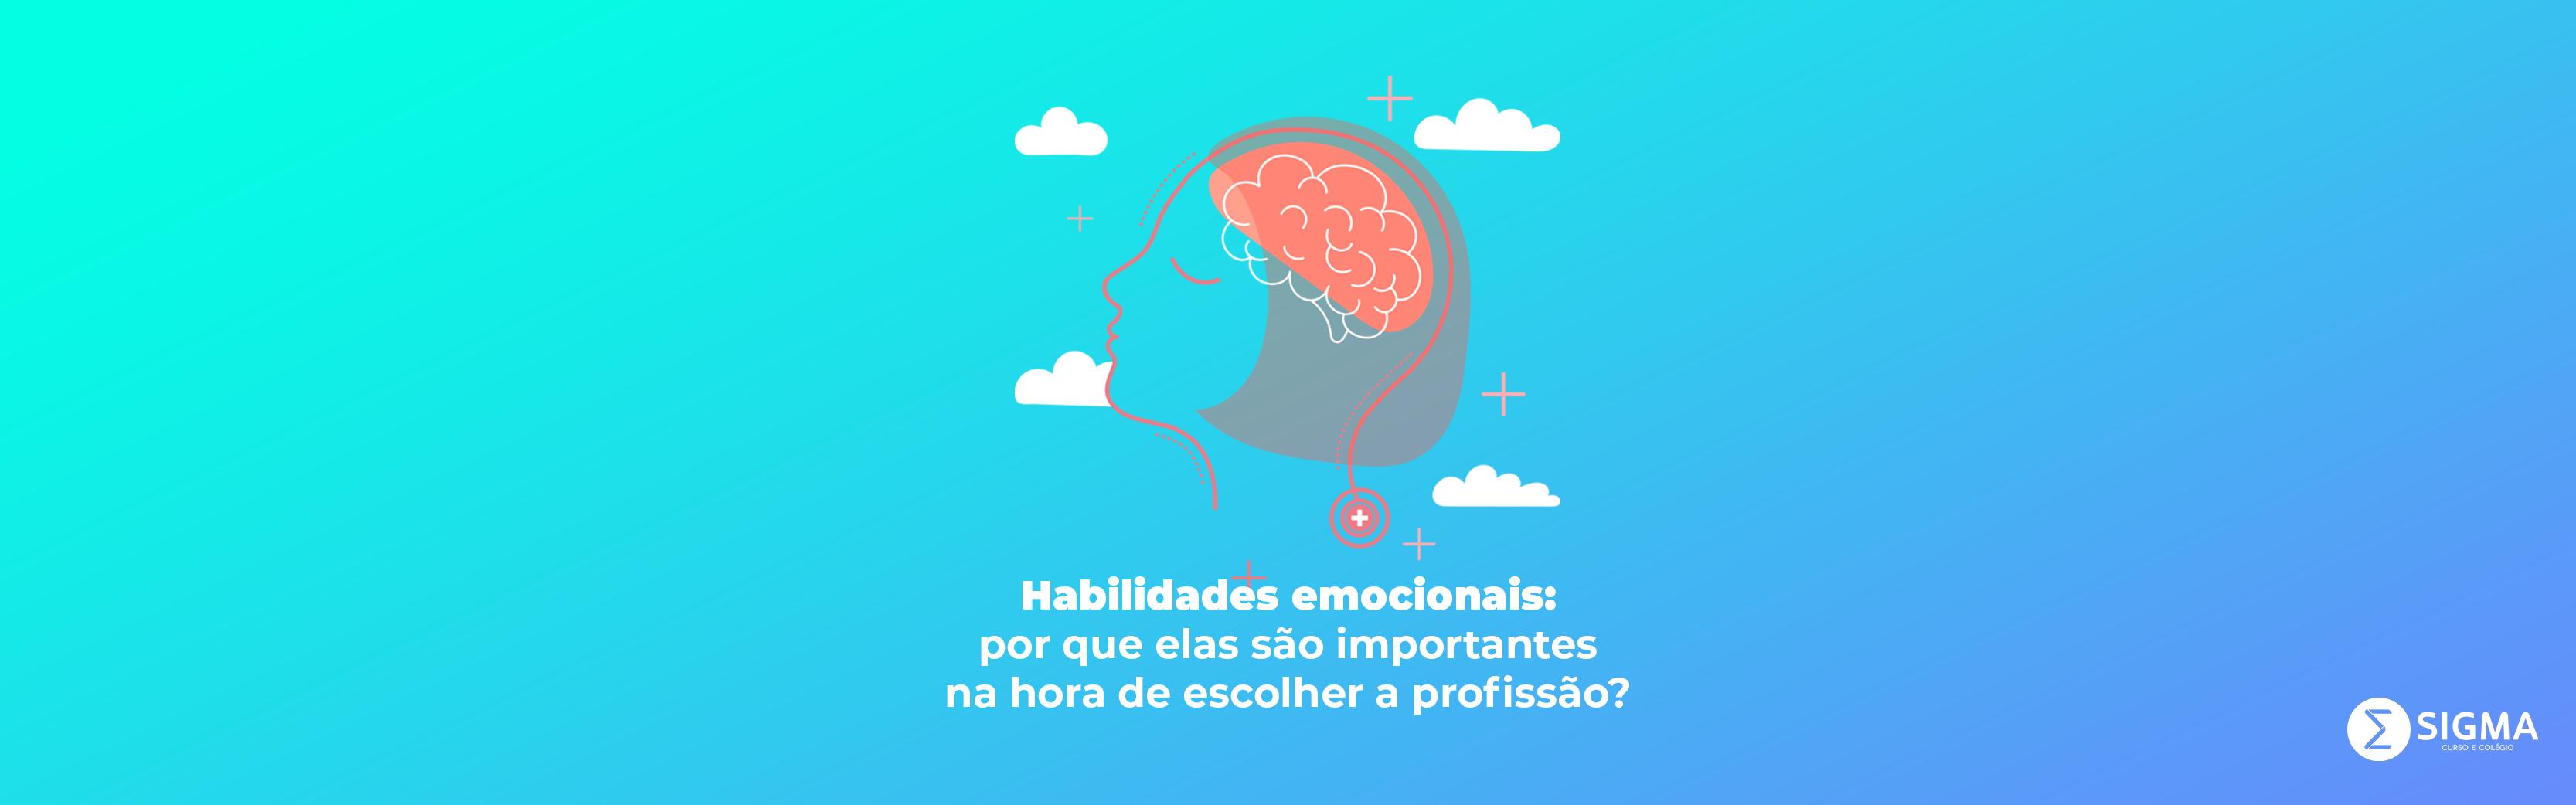 Habilidades emocionais: por que elas são importantes na hora de escolher a profissão?